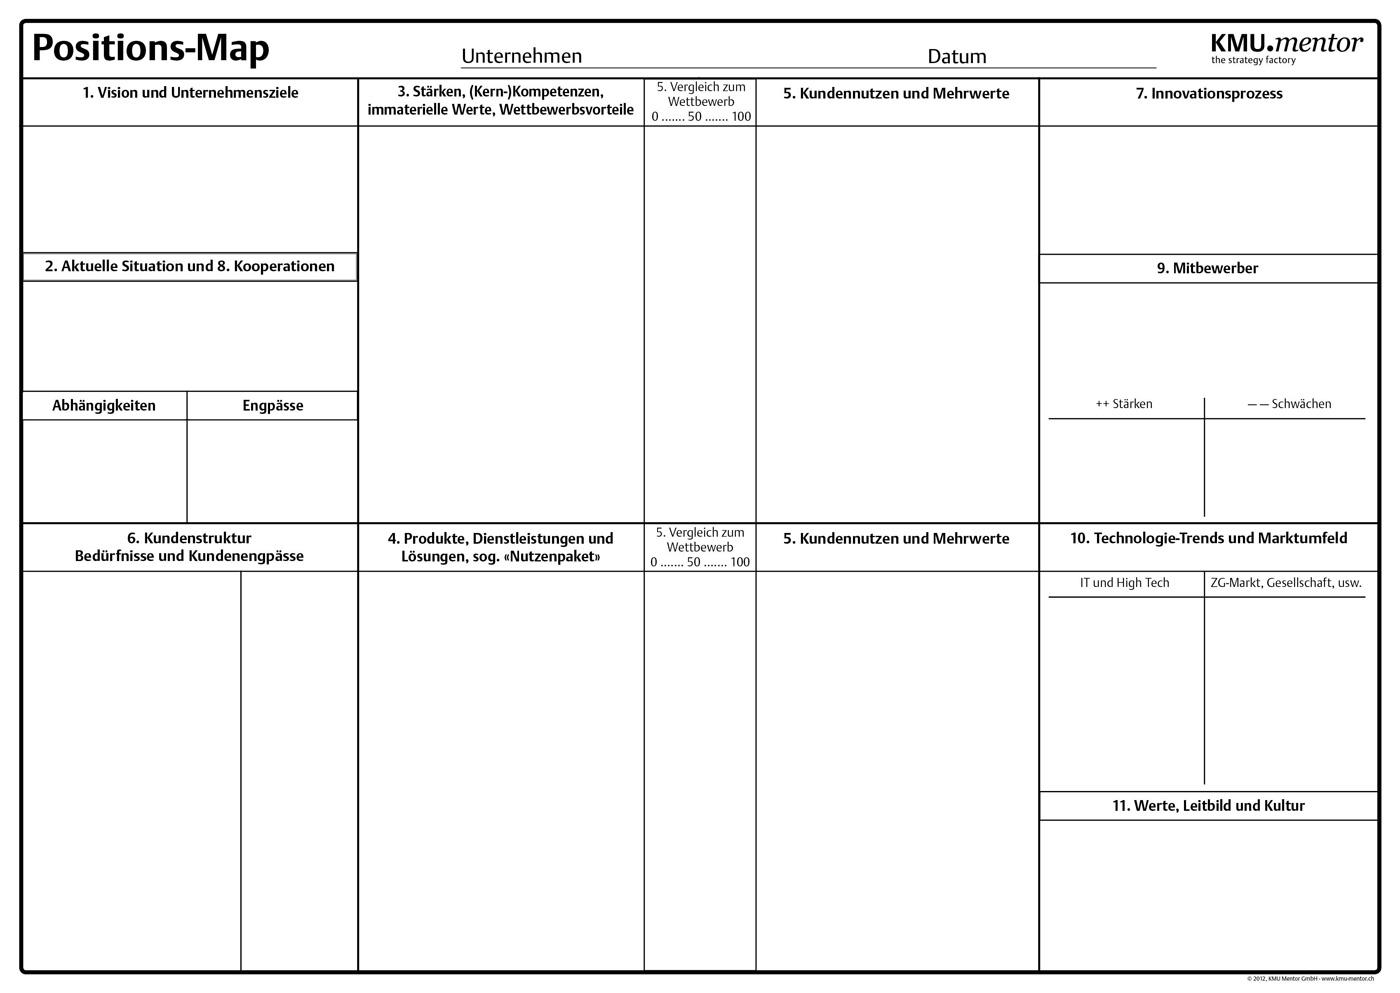 Positions Map als Hilfsmittel für eine strategische Standortbestimmung